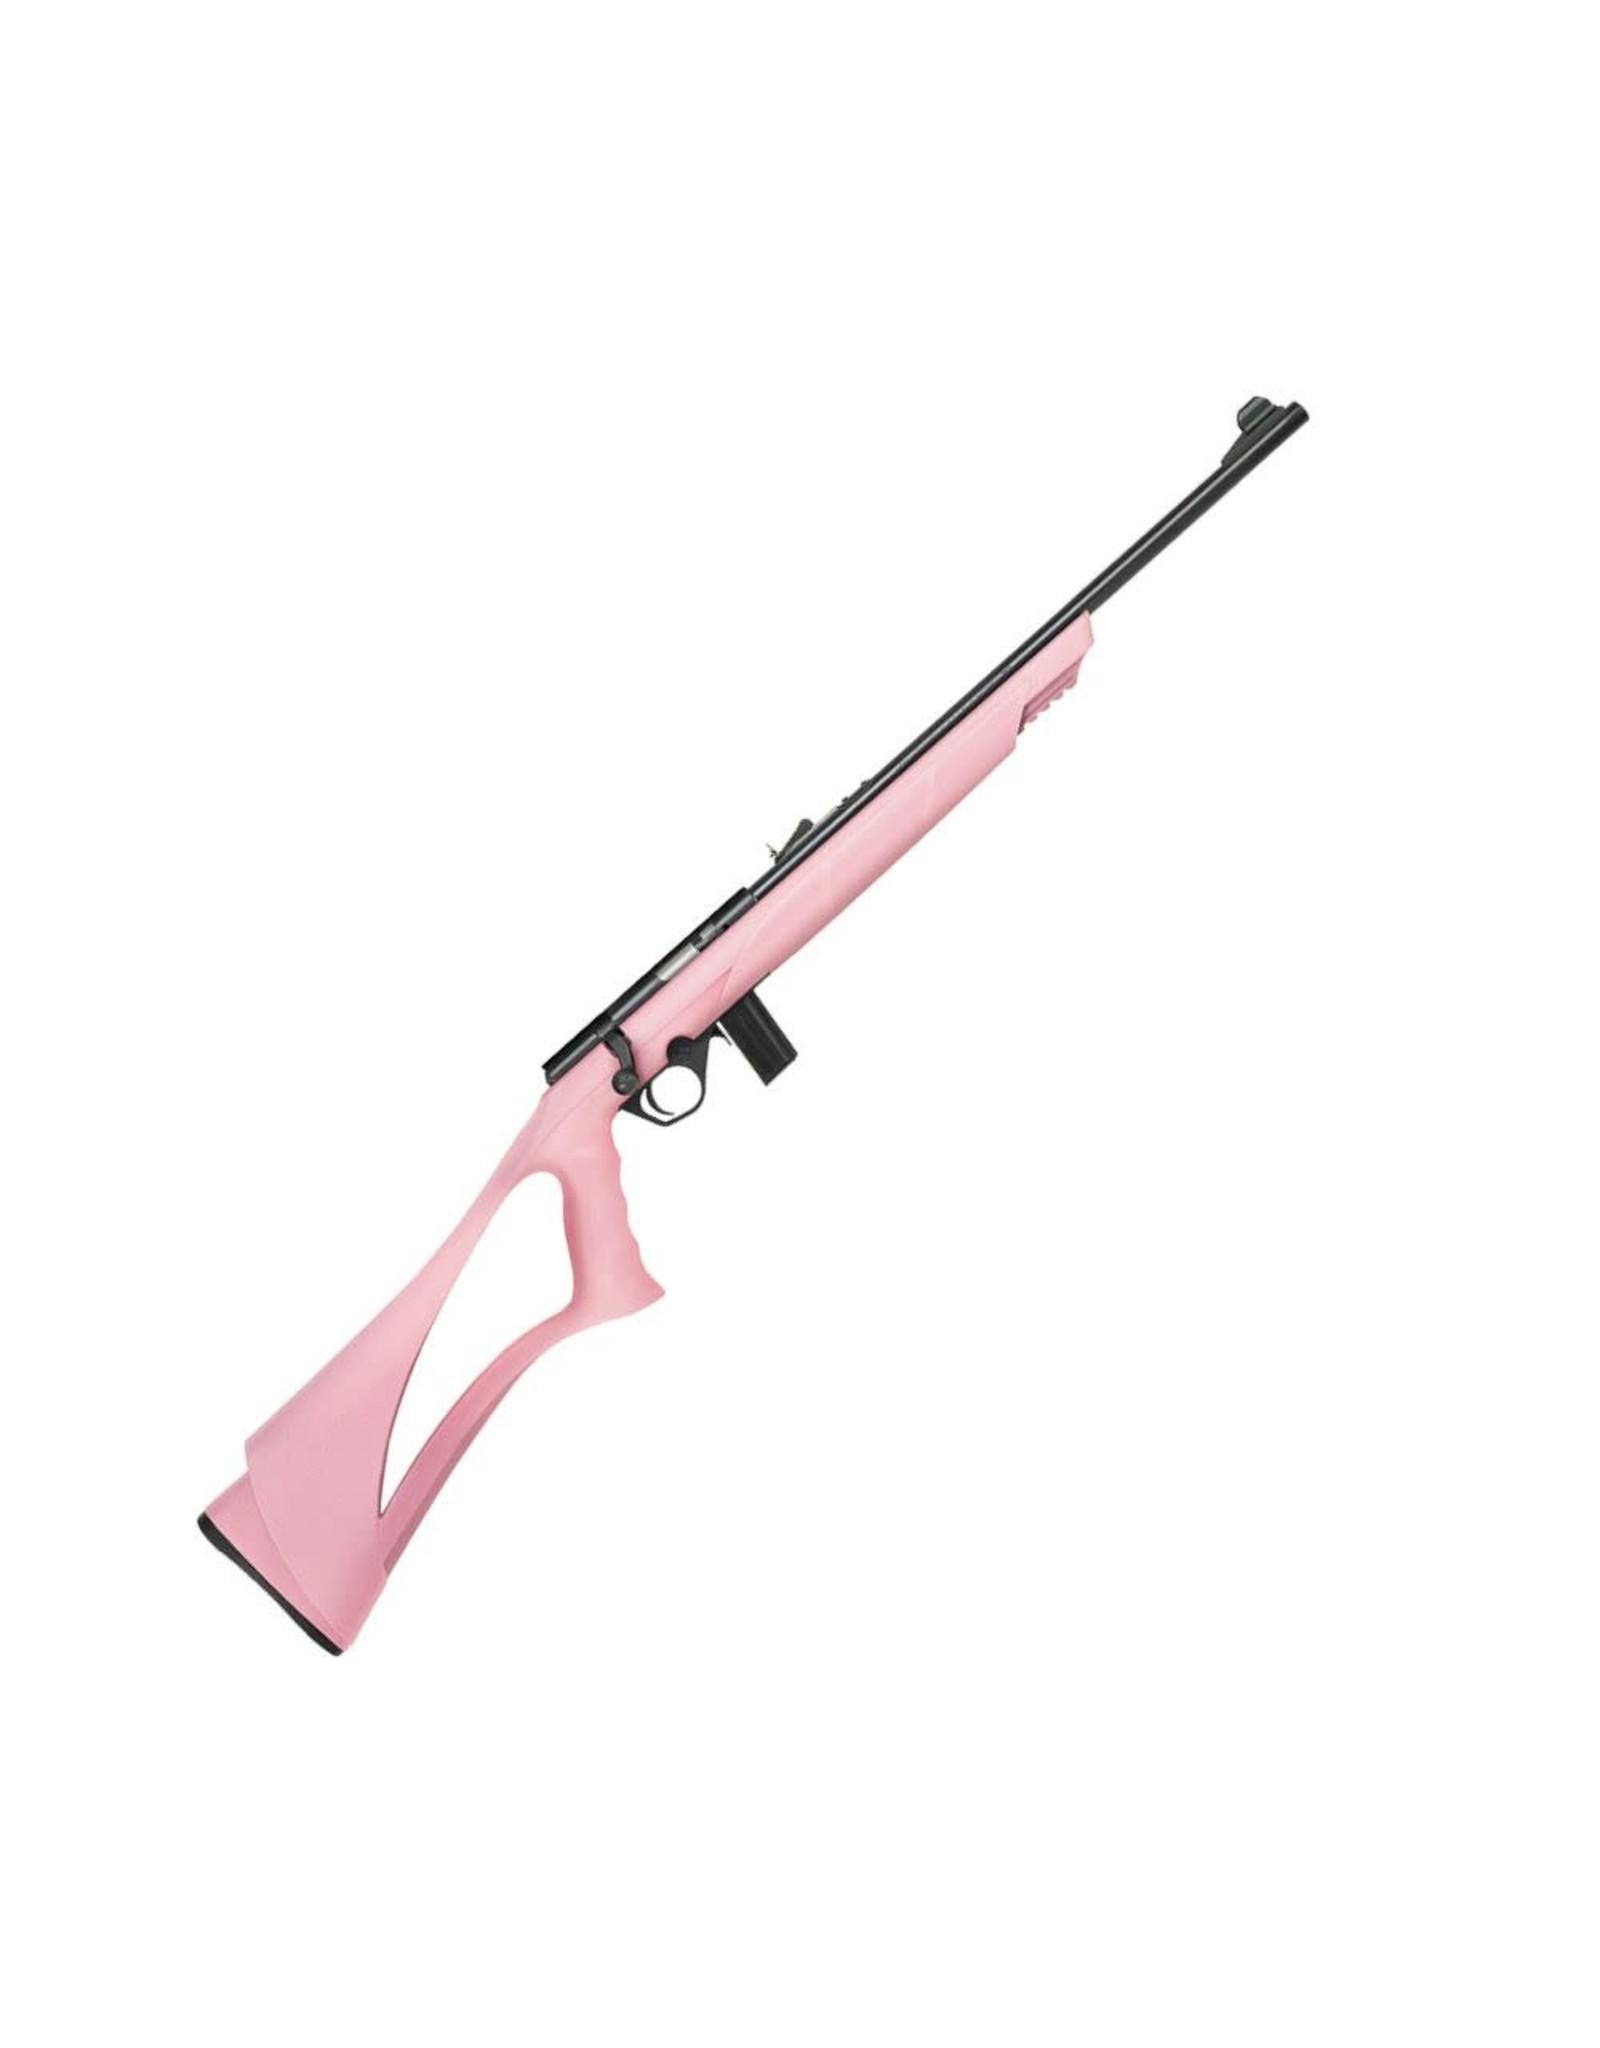 Mossberg Mossberg 38219 802 Plinkster Bolt Rifle 22 LR, RH, 18 in, Blued, Pink Syn